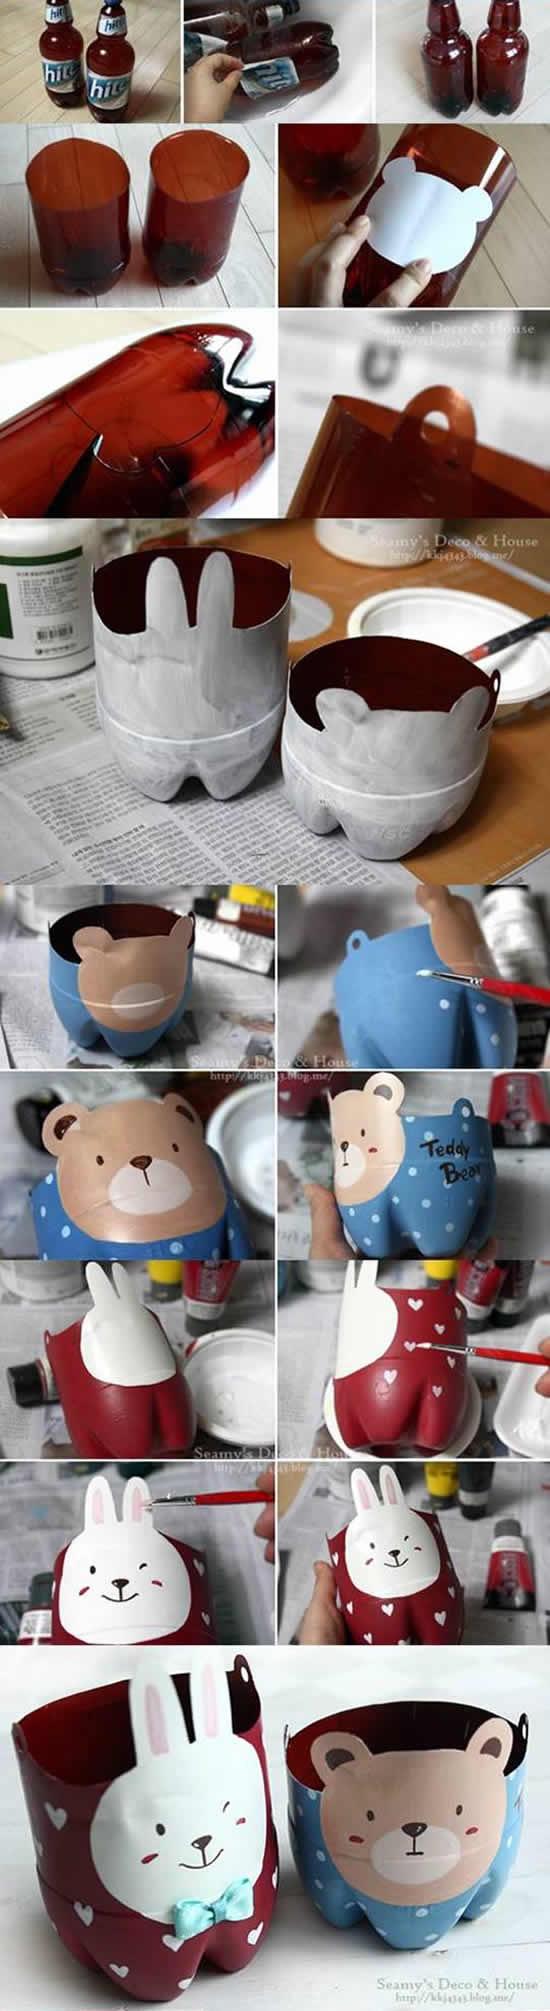 Como fazer vaso de bichinhos com garrafas PET